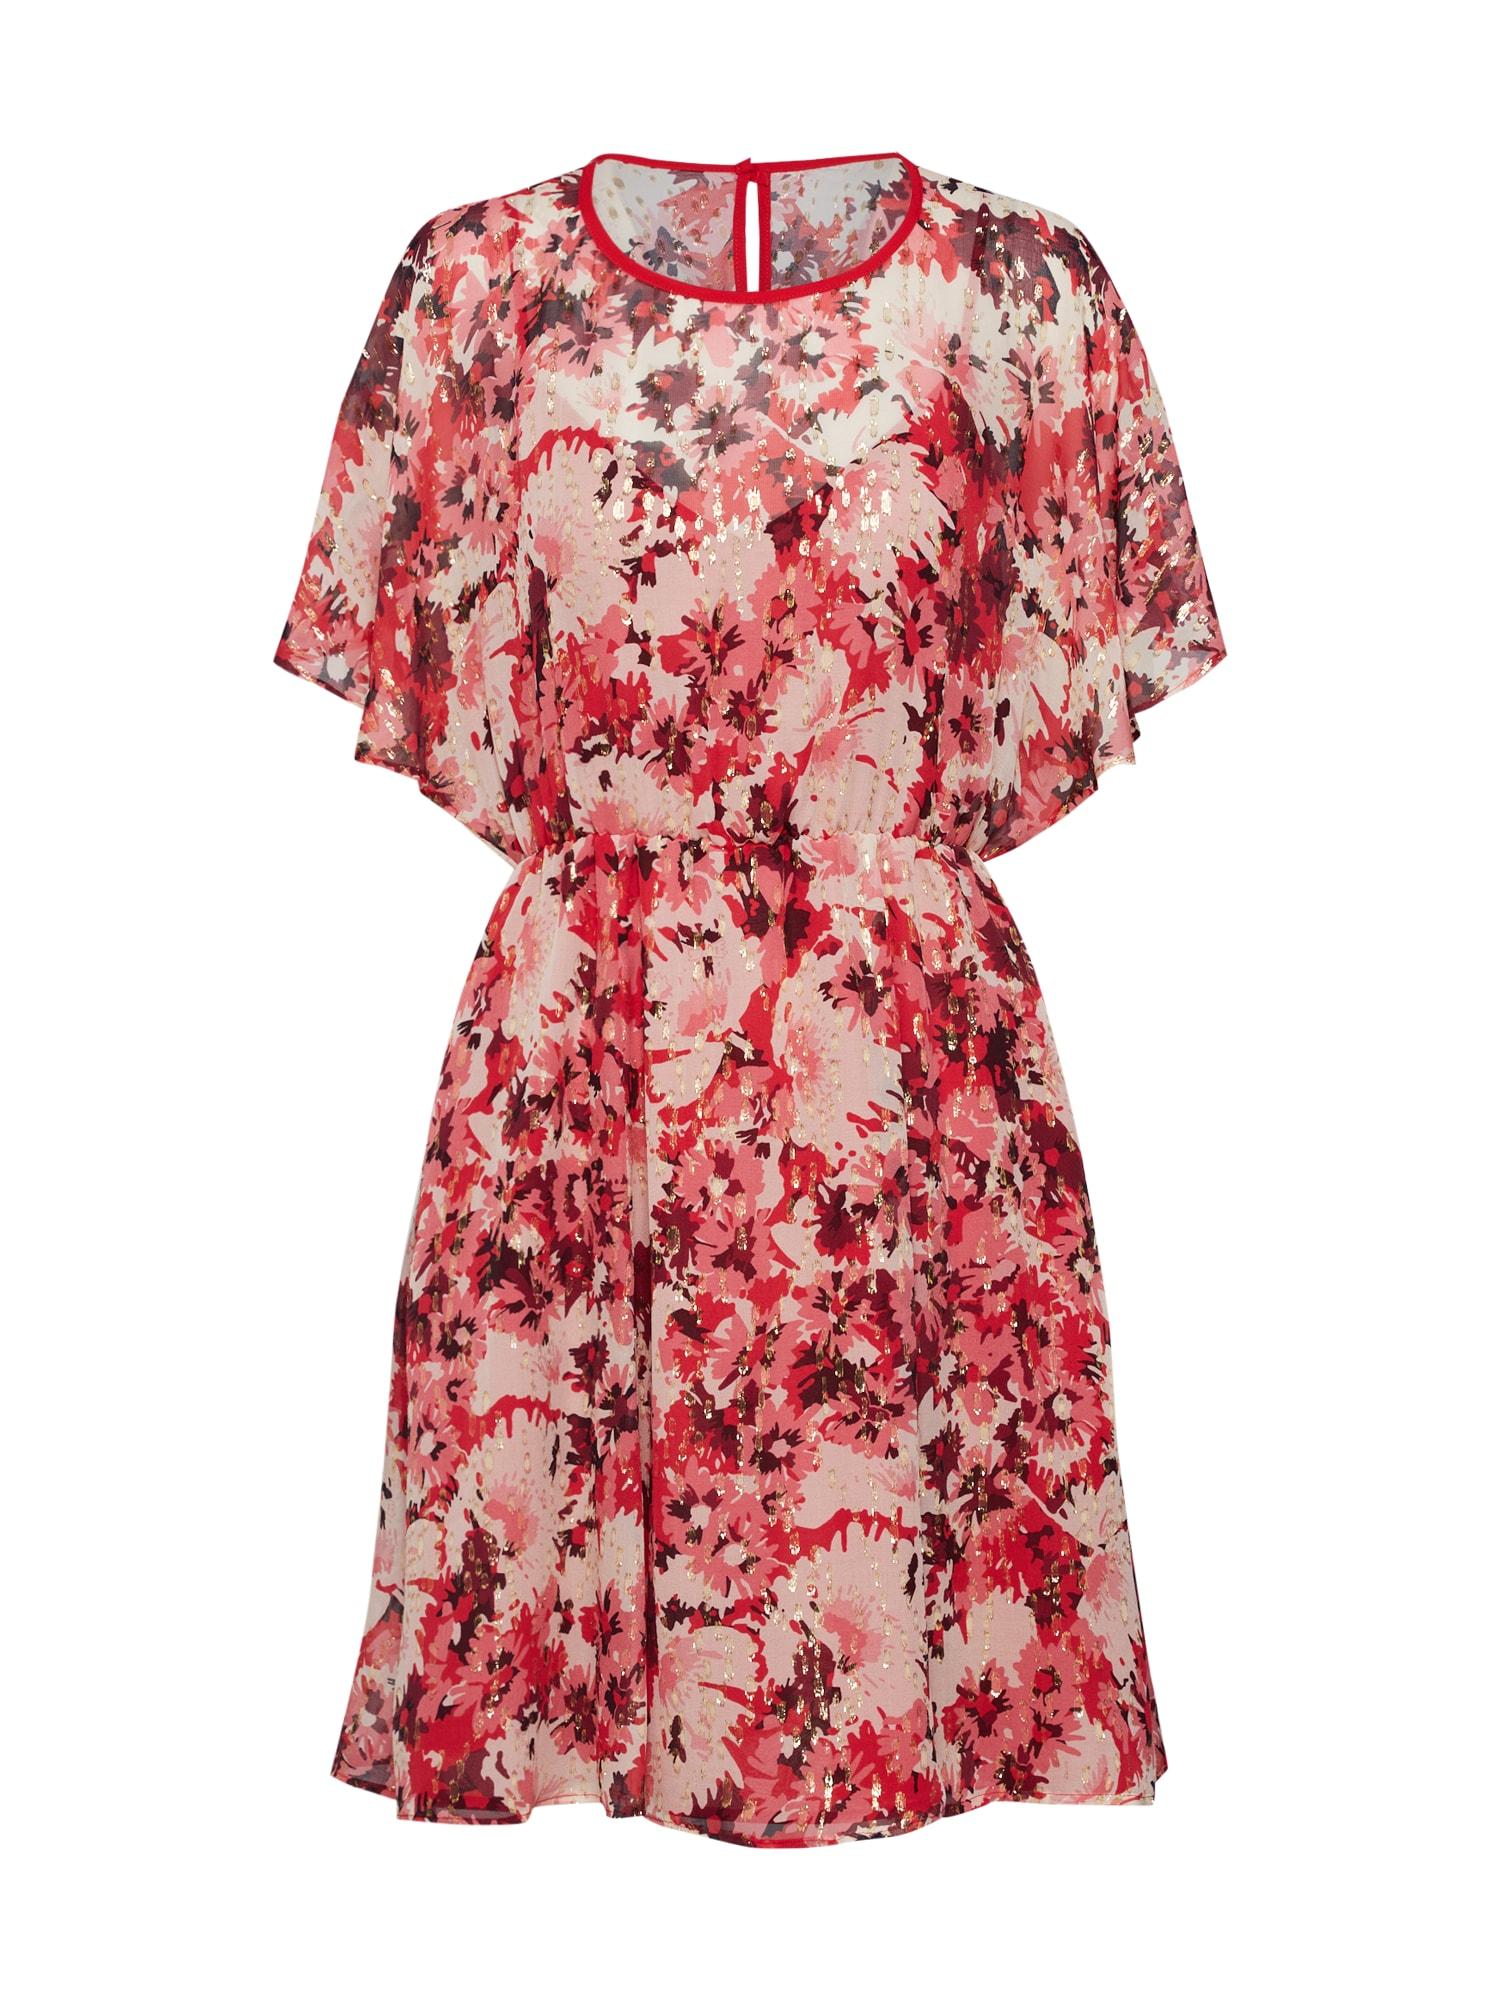 Šaty PENNA růžová bílá MAX&Co.